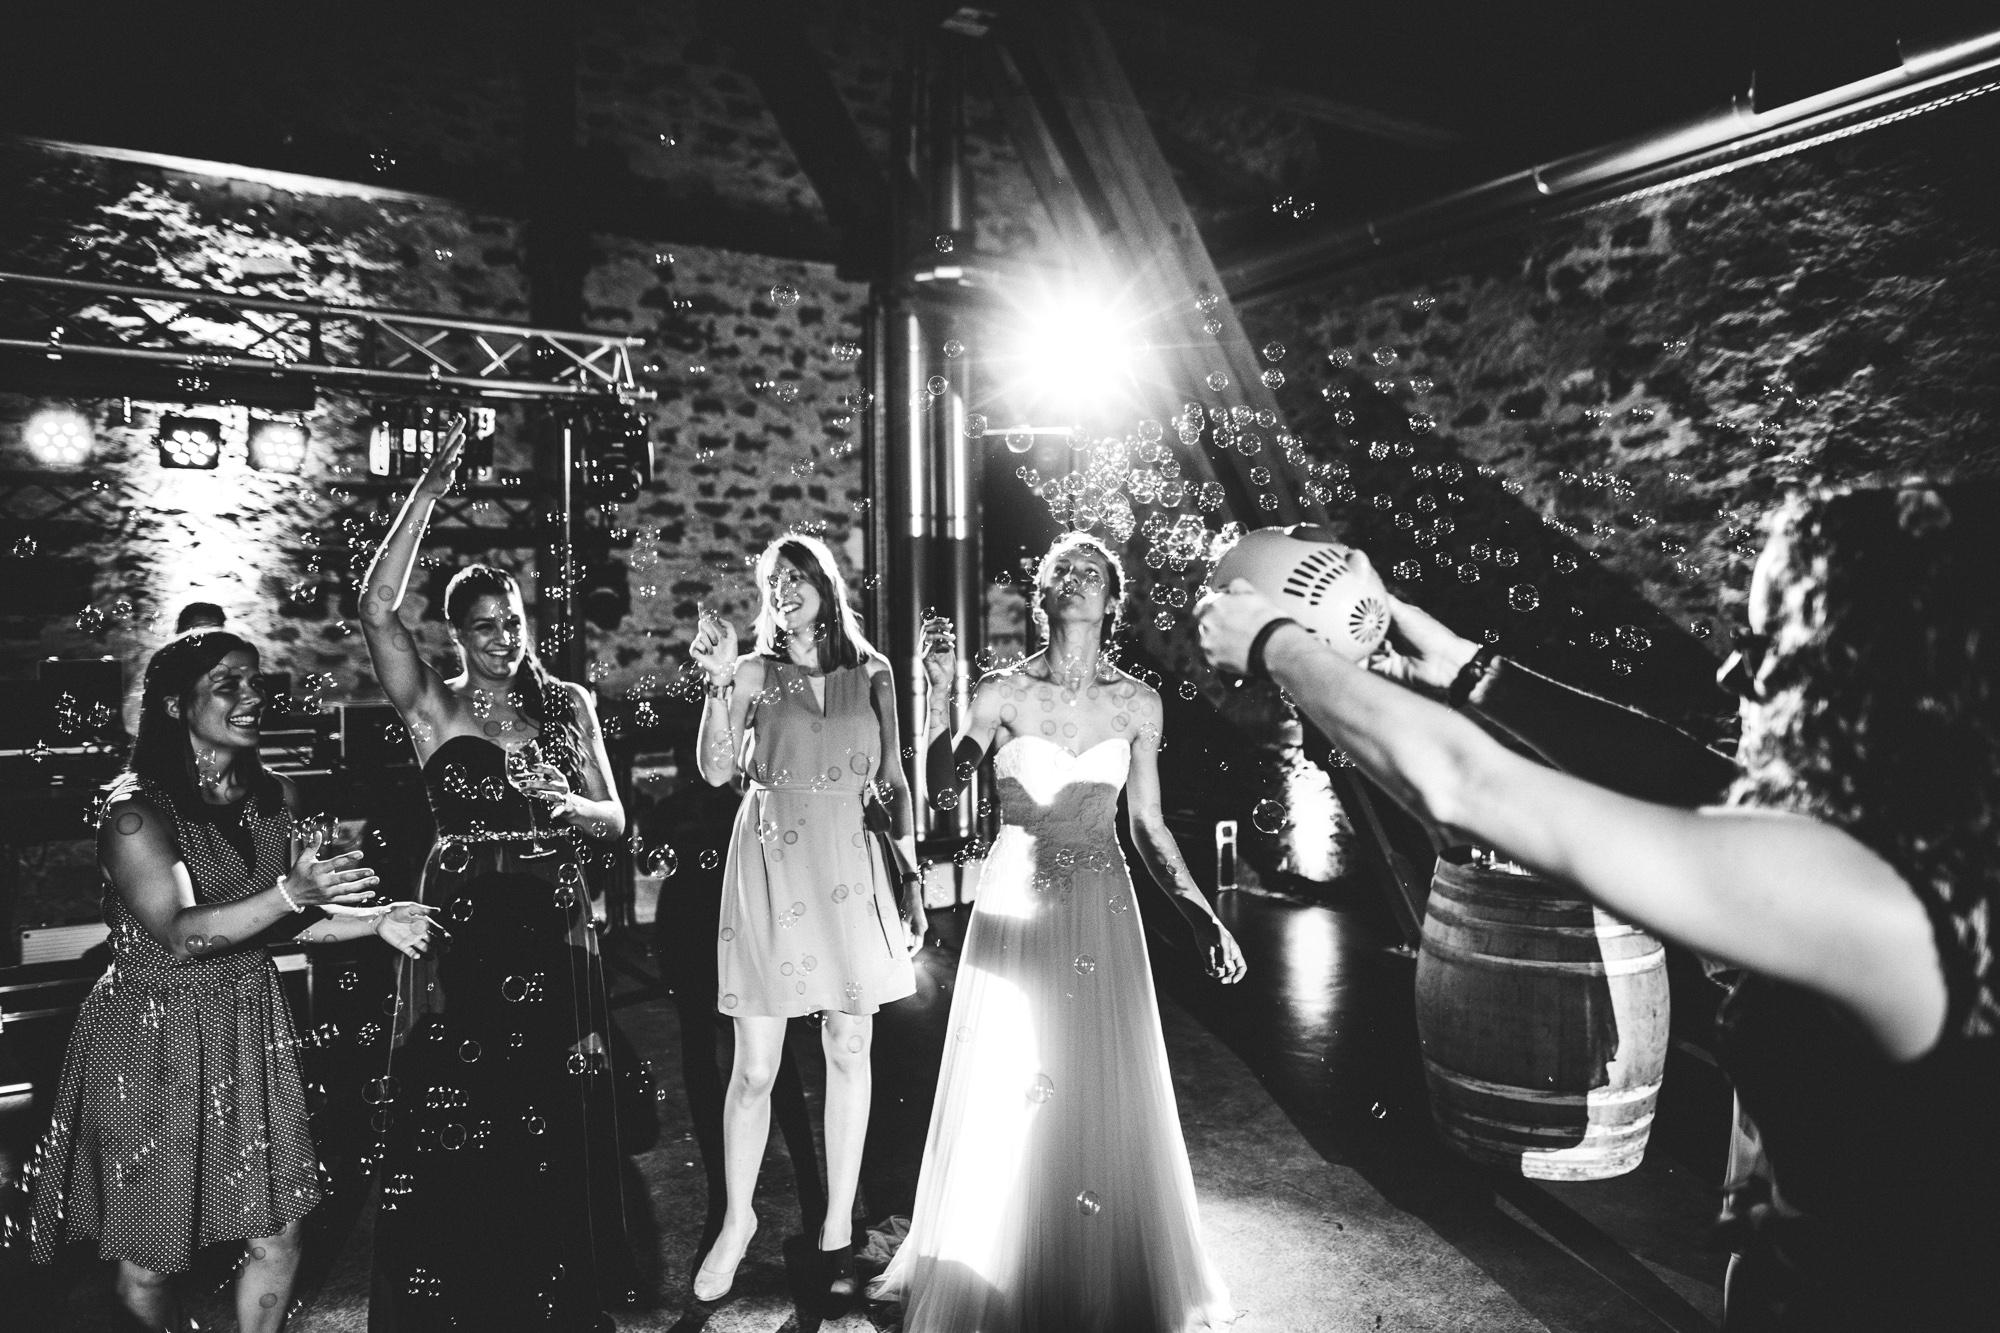 annethomas 553 - Hochzeit im wunderschönen Ladenburg in Eichenstolz